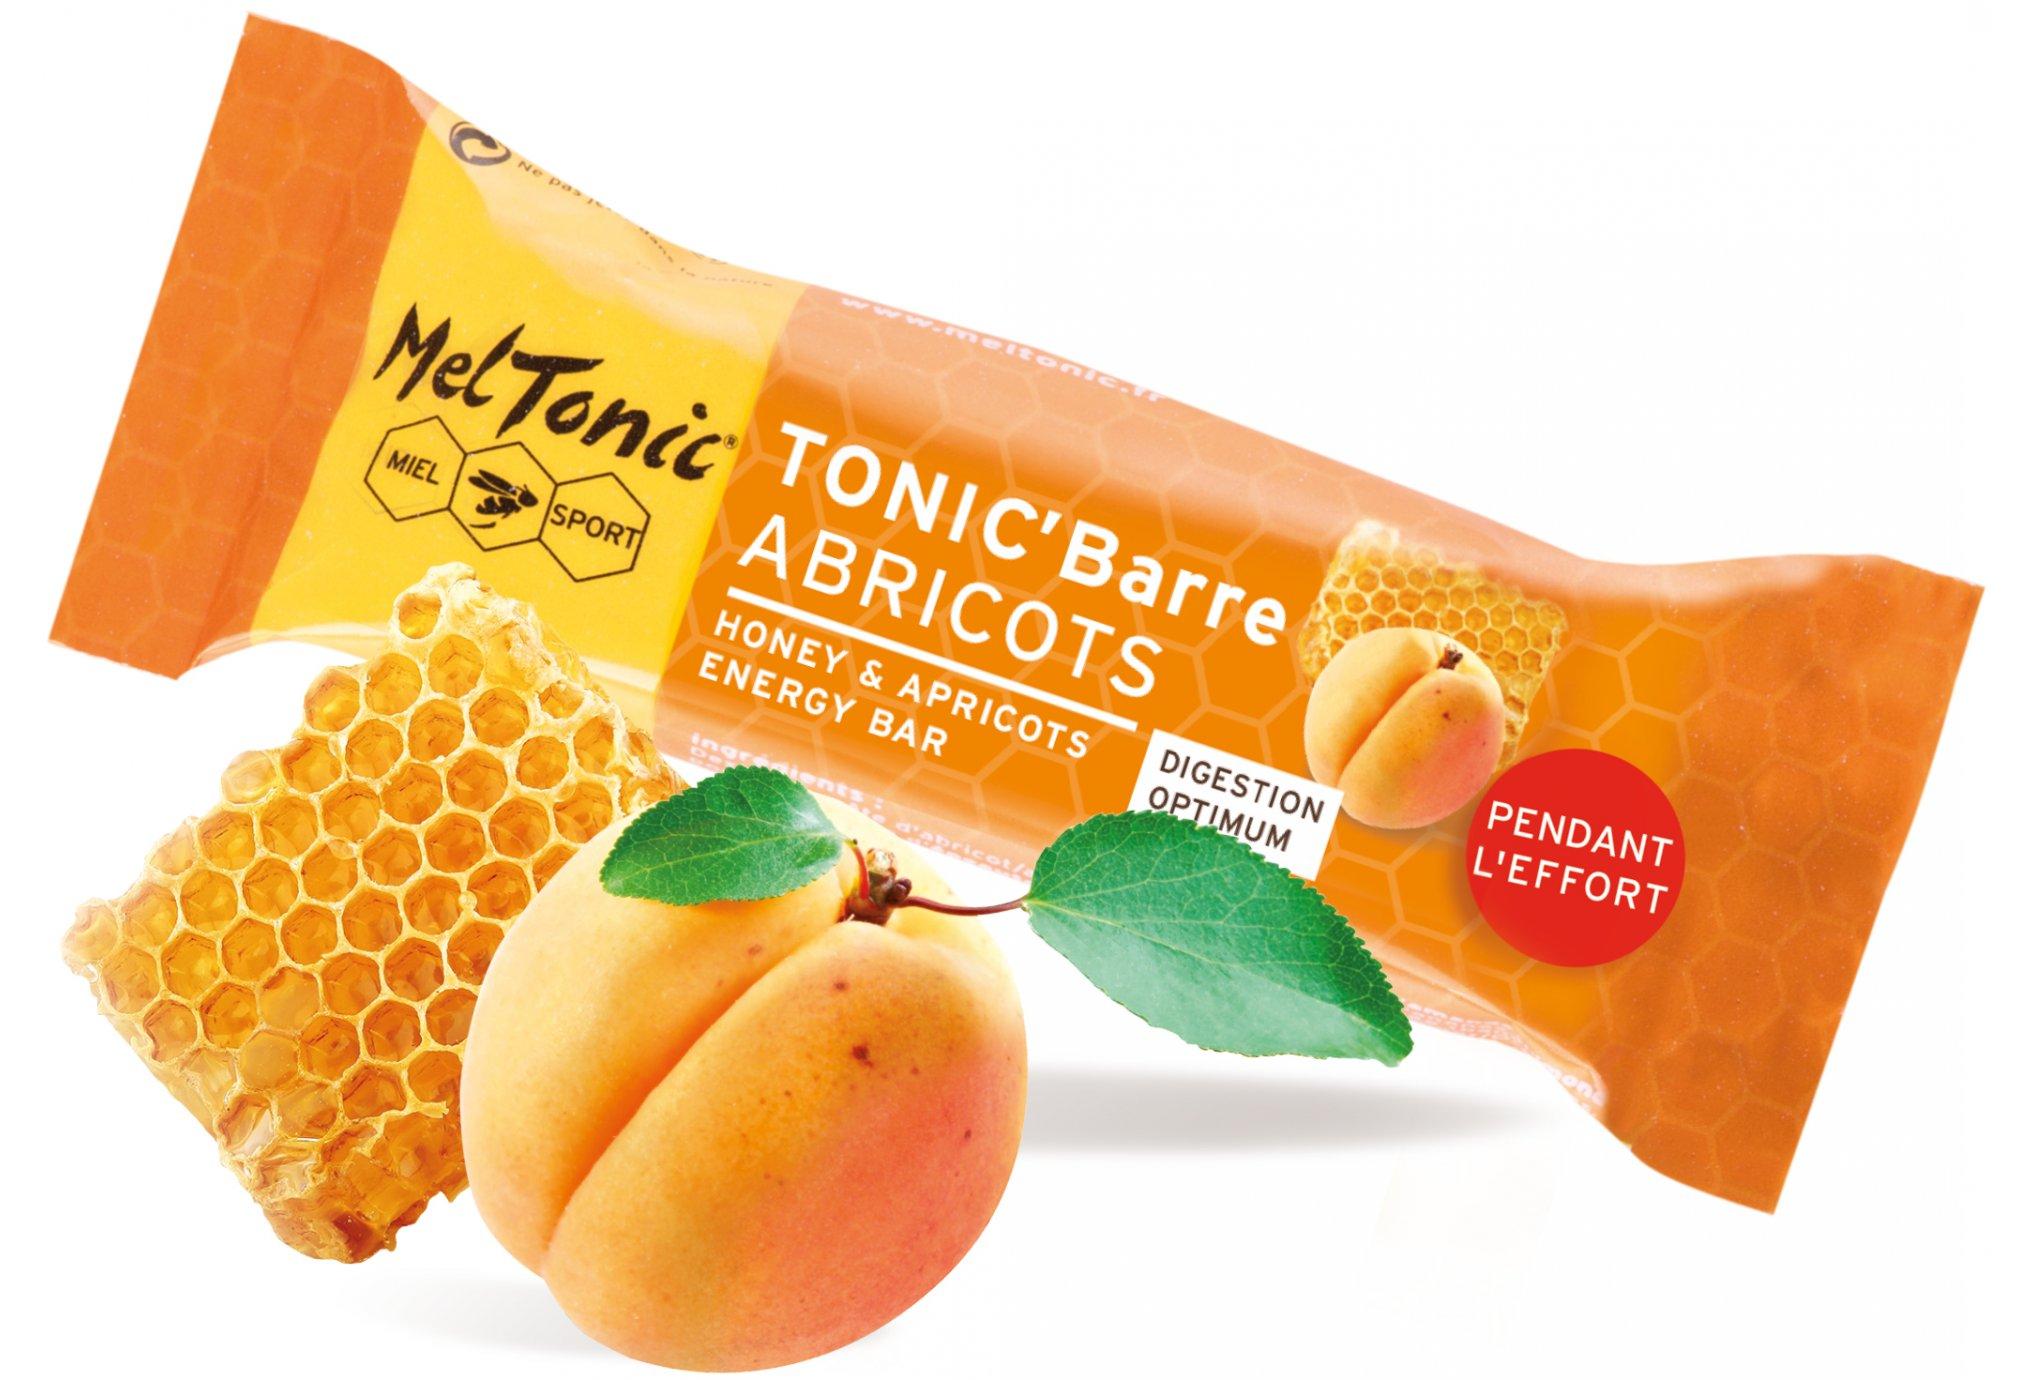 MelTonic Tonic'Barre - Abricot Miel Diététique Barres